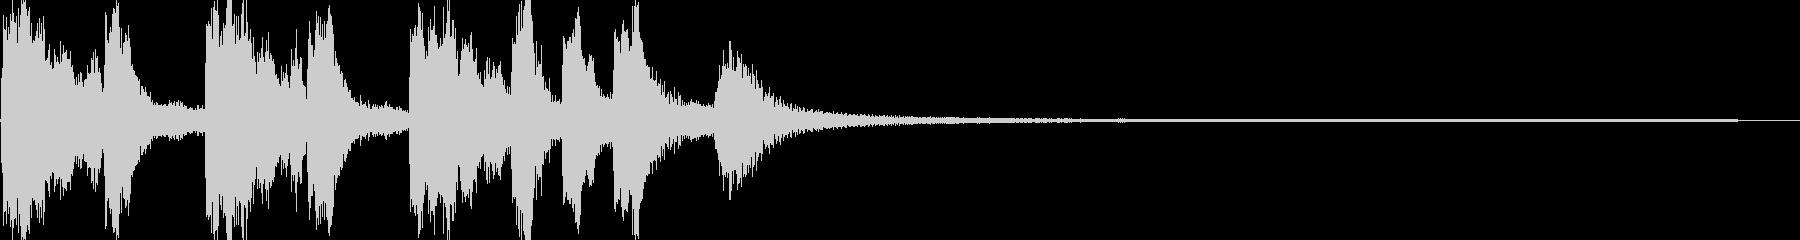 ファンシーポップな可愛いジングルの未再生の波形